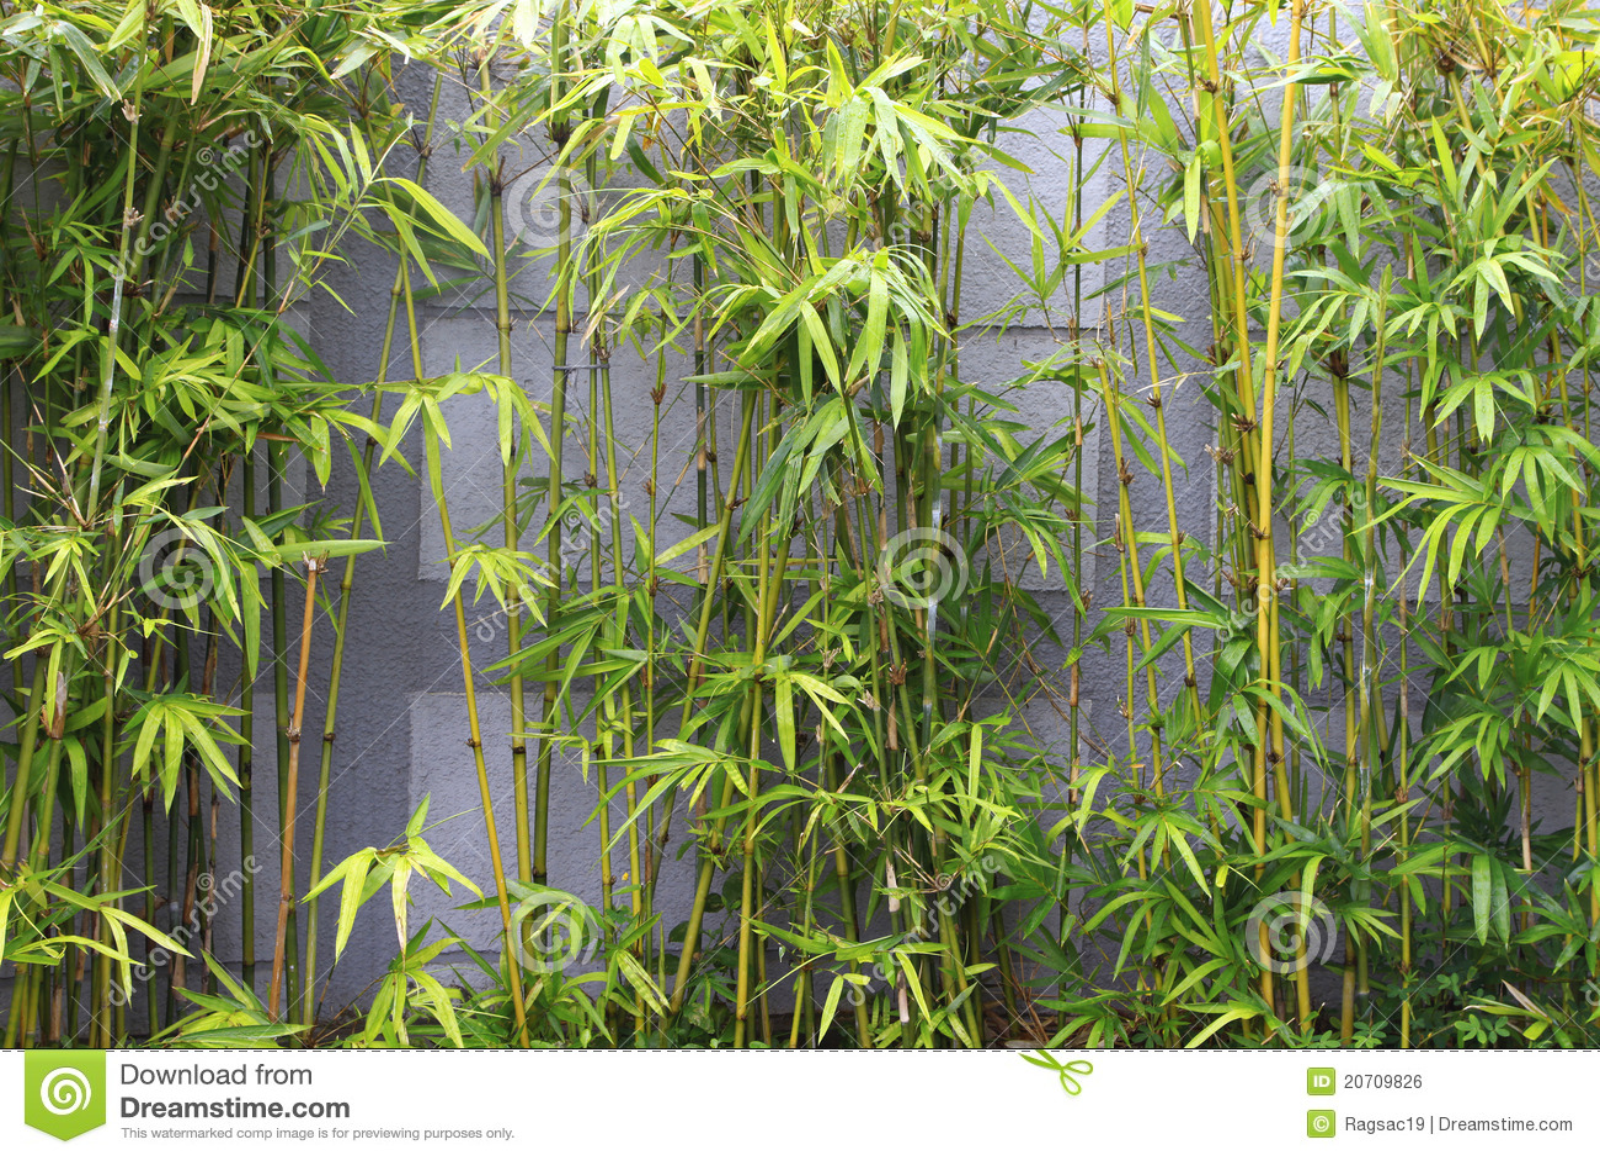 Bambusgarten stockfoto. Bild von biologie, bambus, tropisch - 20709826